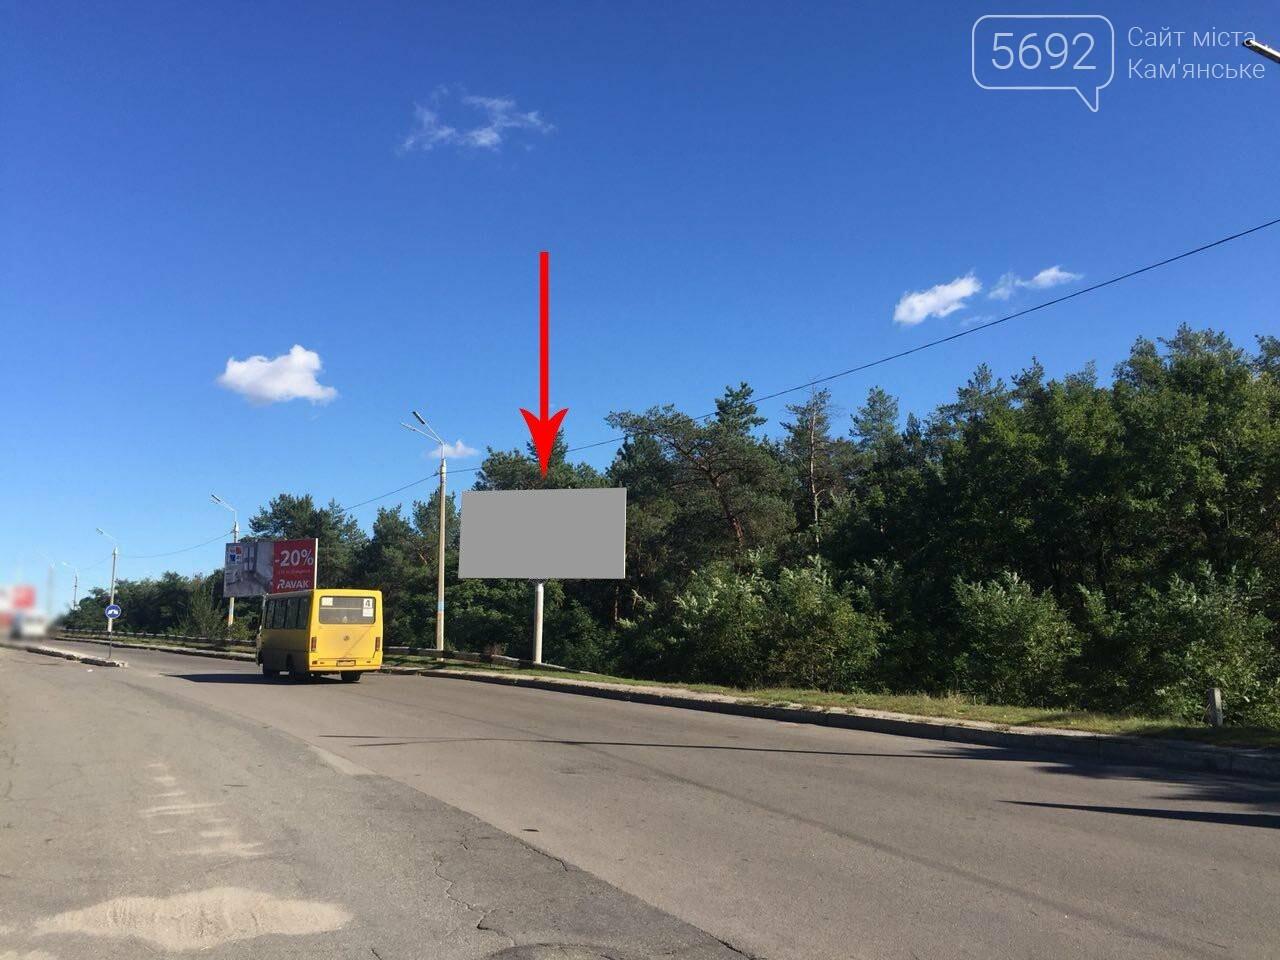 Реклама на билбордах в Каменском, фото-6